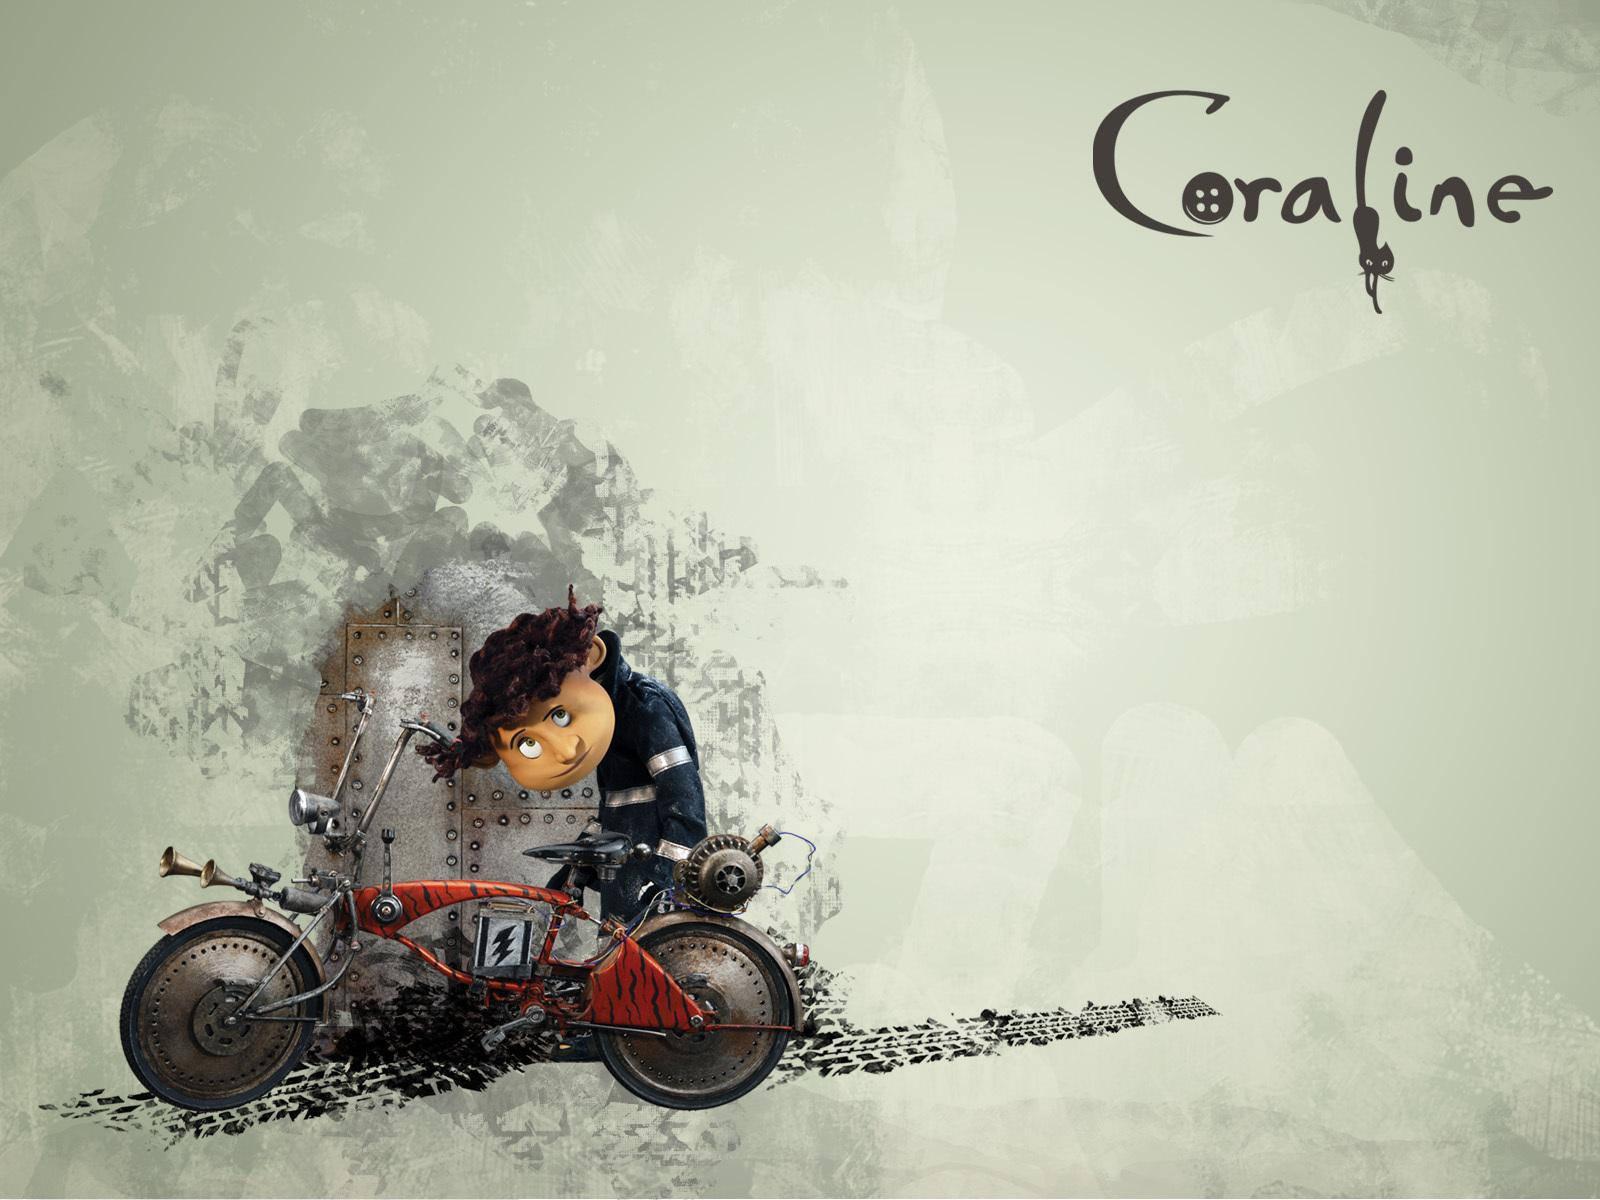 Fondos De Pantalla De Caroline: Coraline